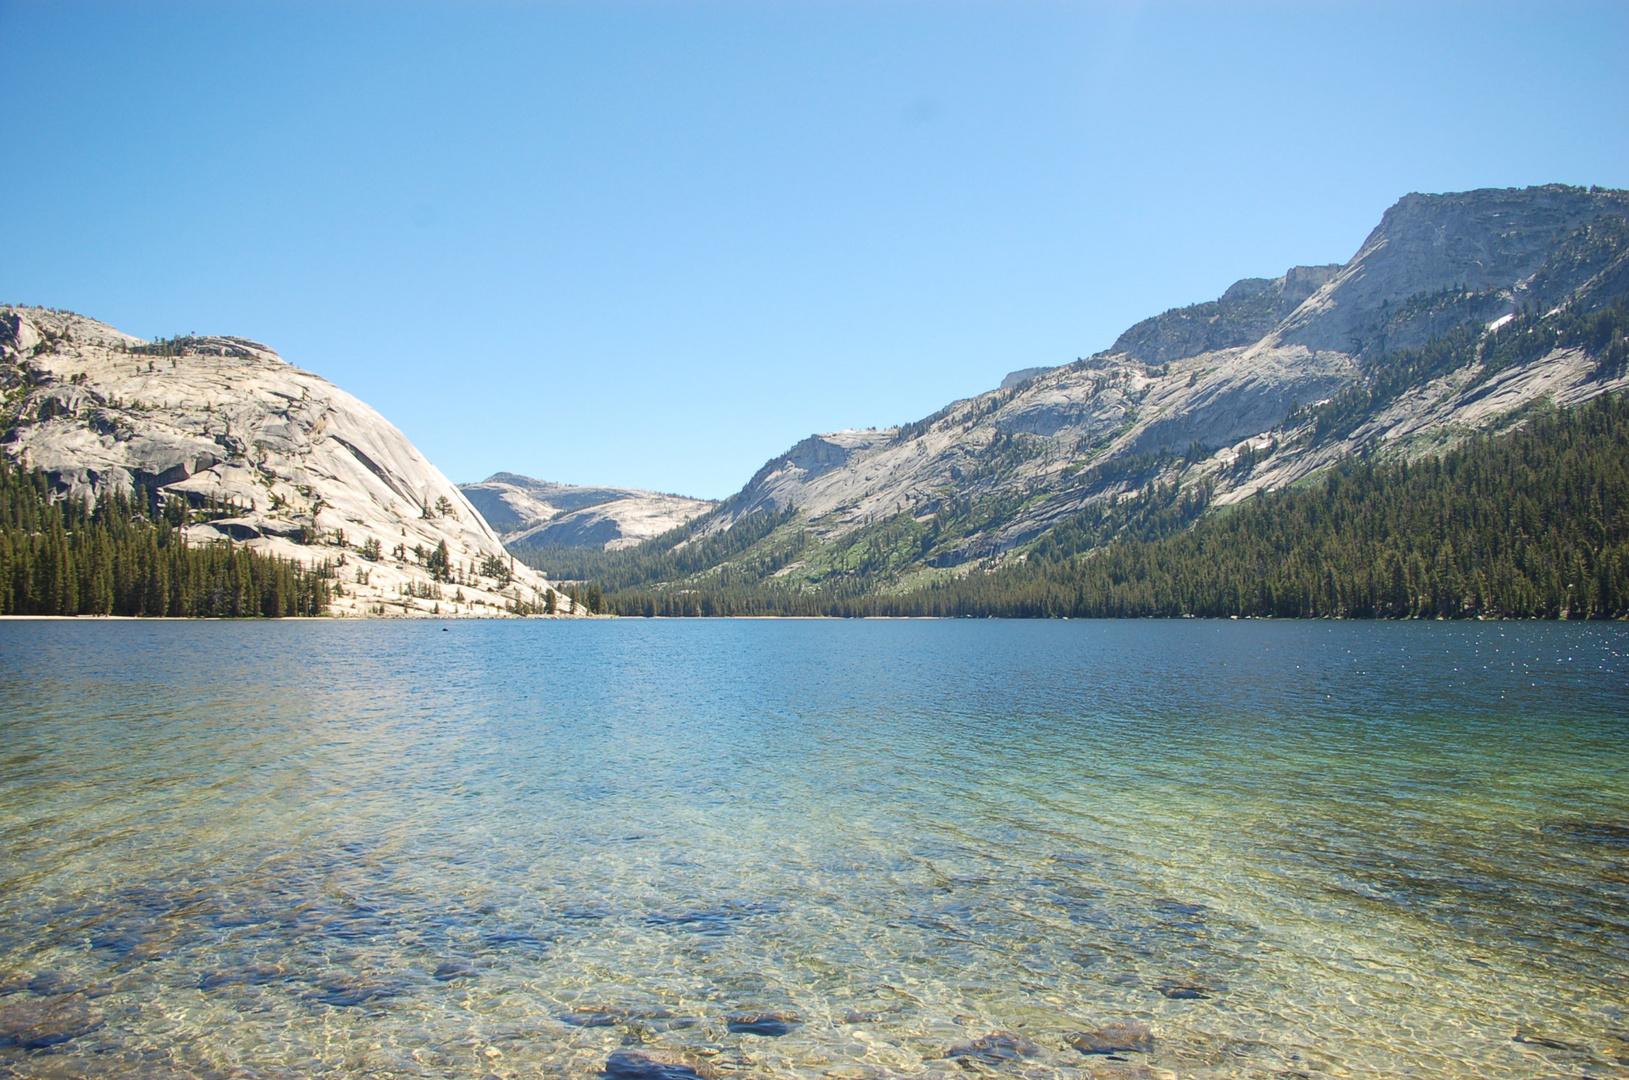 sagenhaft klarer bergsee